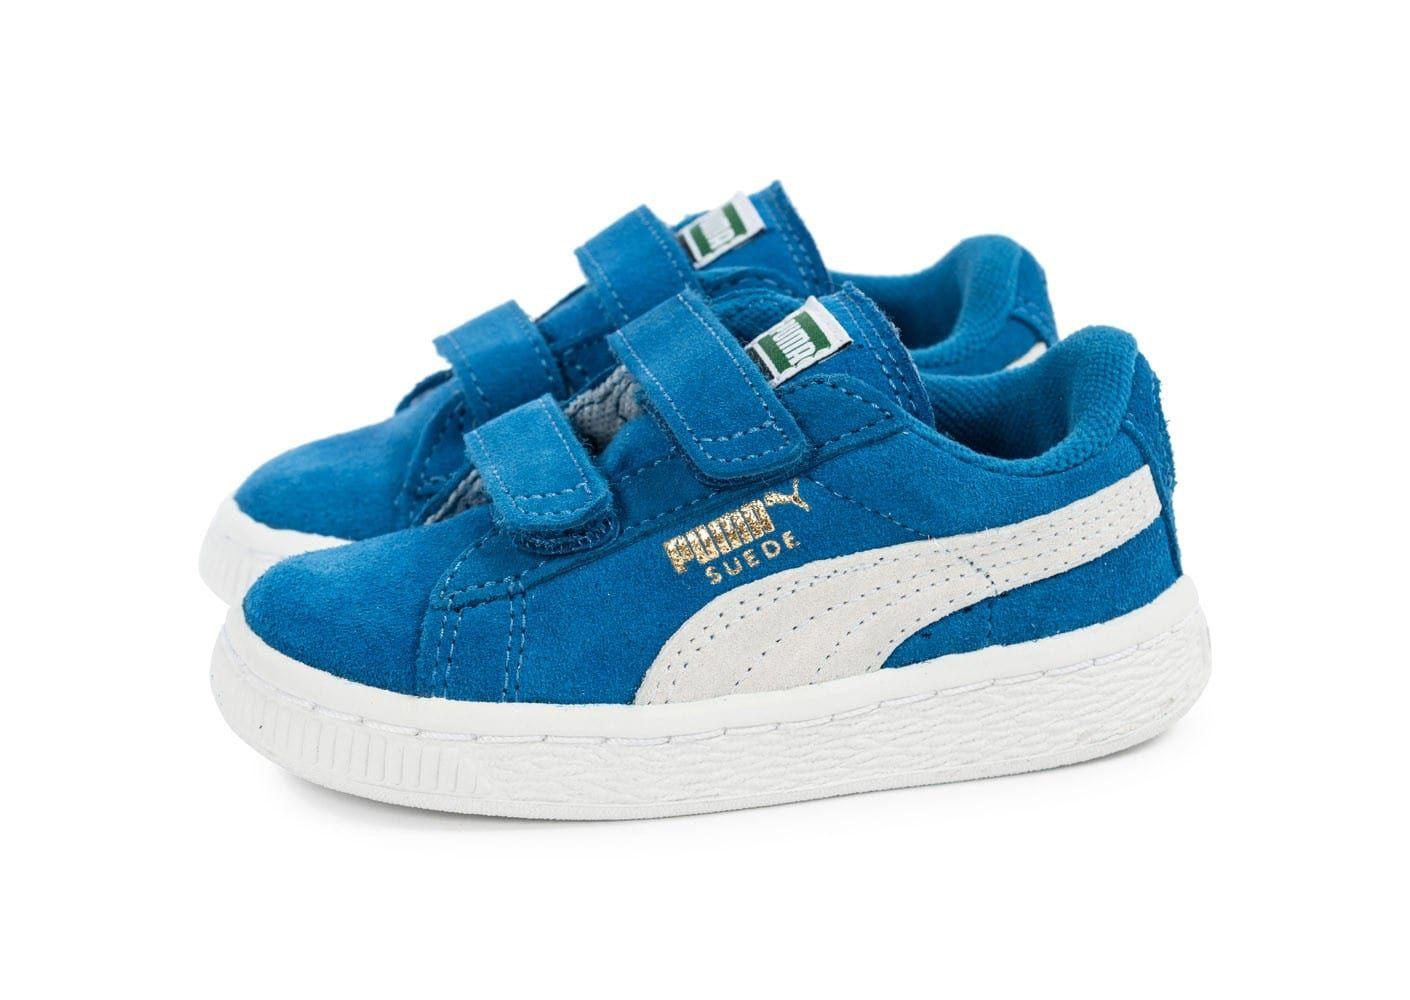 Baskets Puma Suede 2 Straps Bébé - Bleue (Tailles 21 à 27)